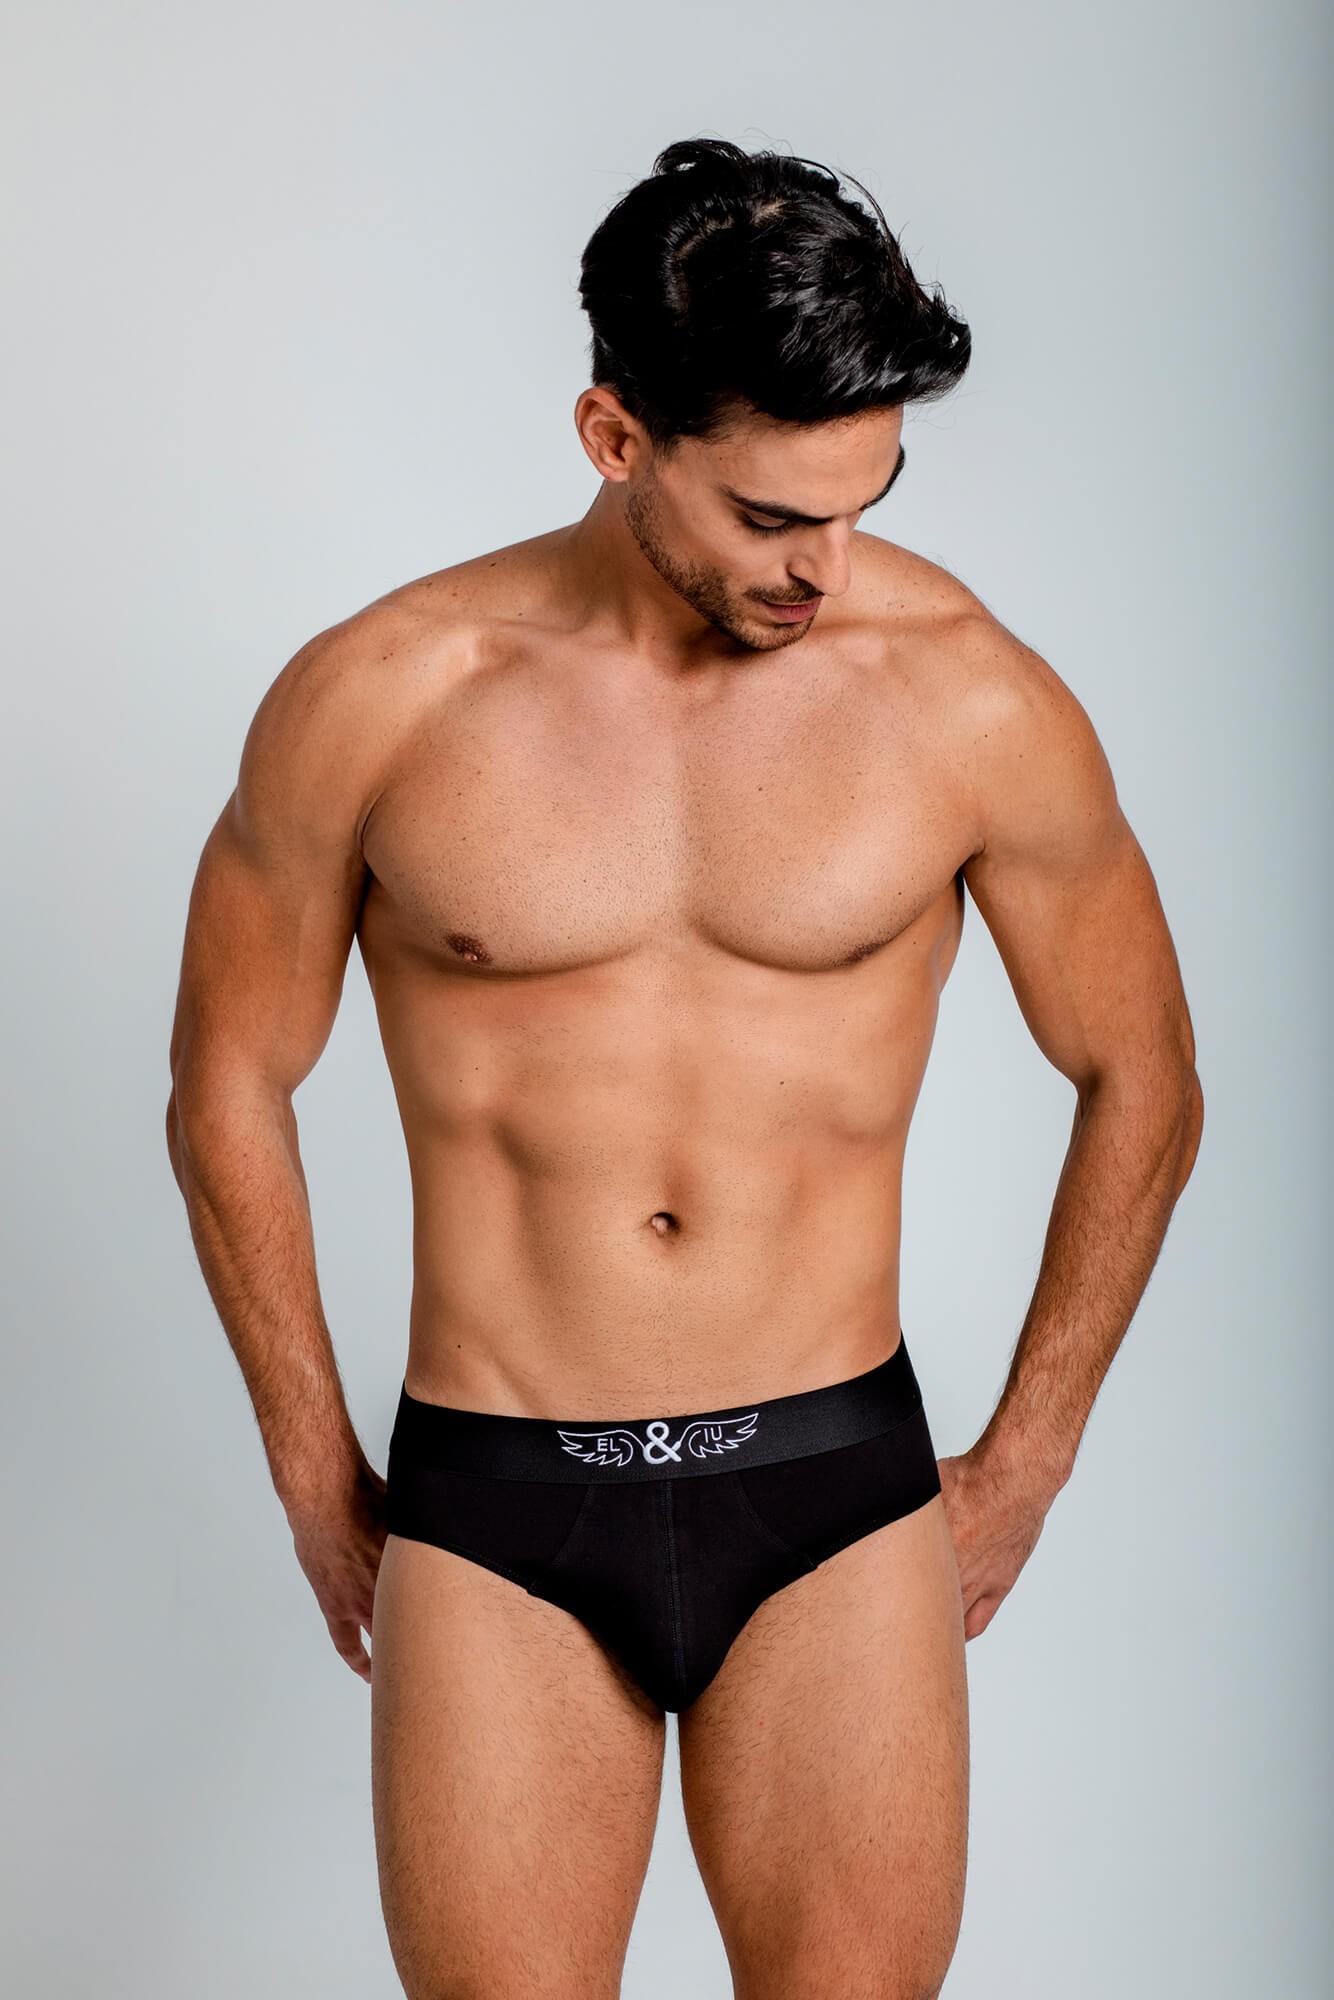 Ropa interior hombre Classic Underwear Brief, gran confort y suavidad con logo ELIU bordado. Calzoncillo. ELIU Underwear